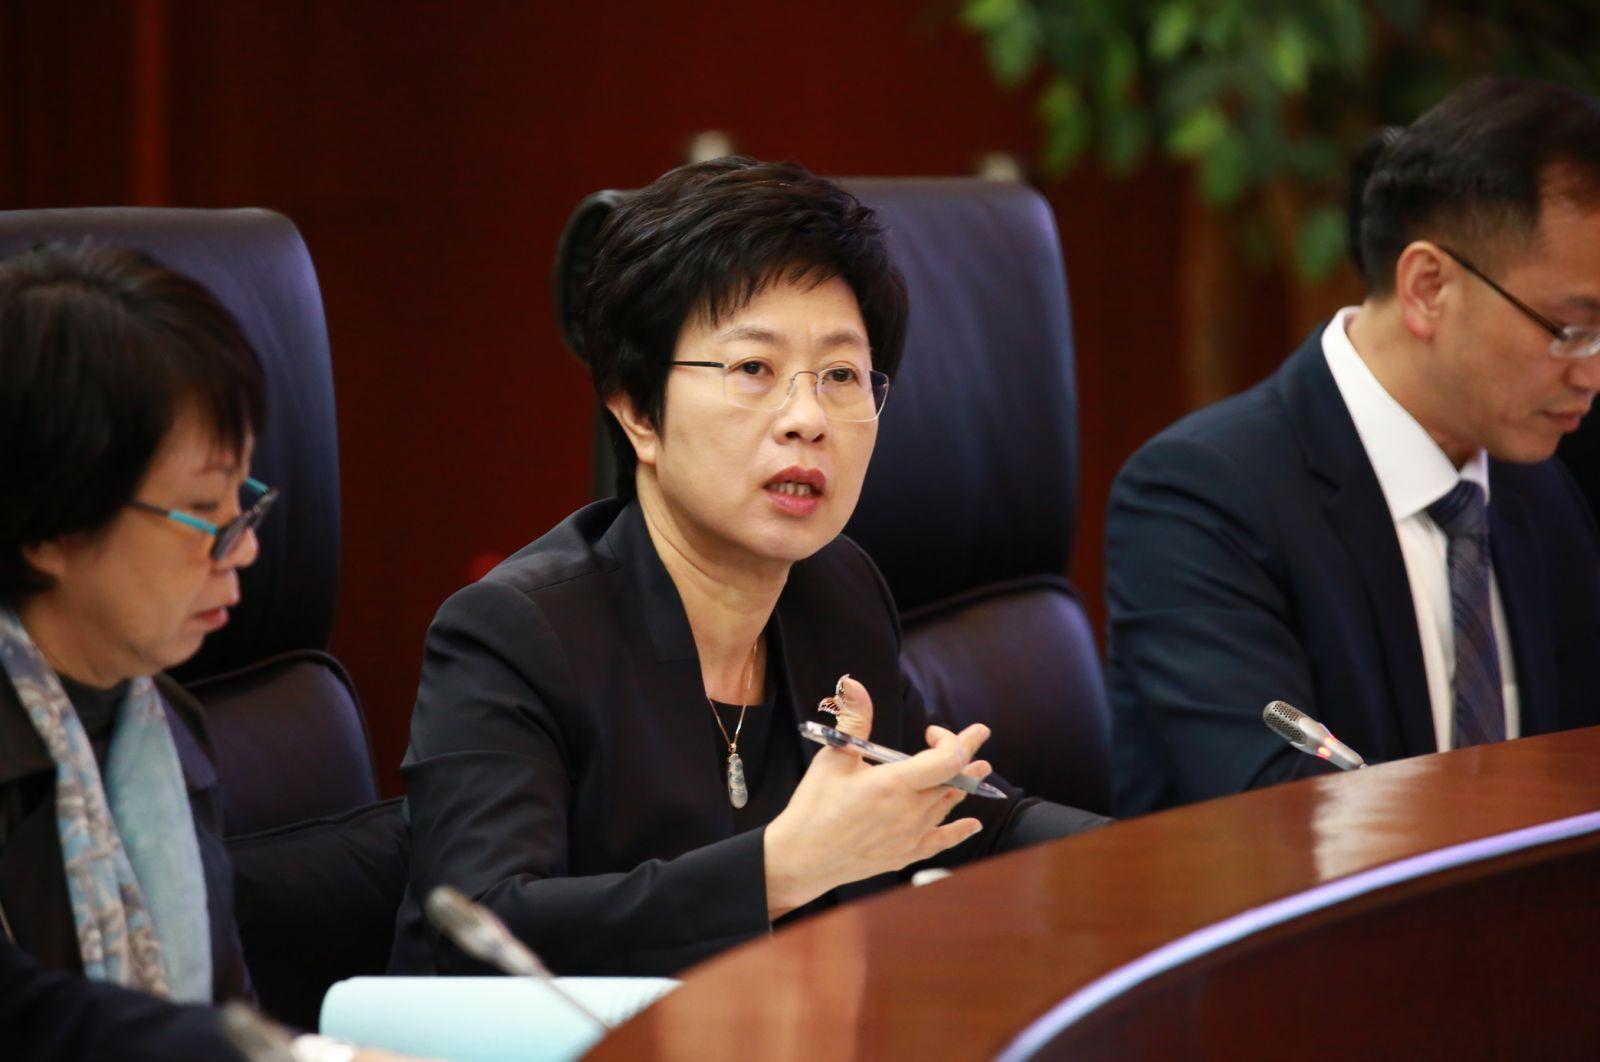 陳海帆:選拔將綜合考慮各方因素